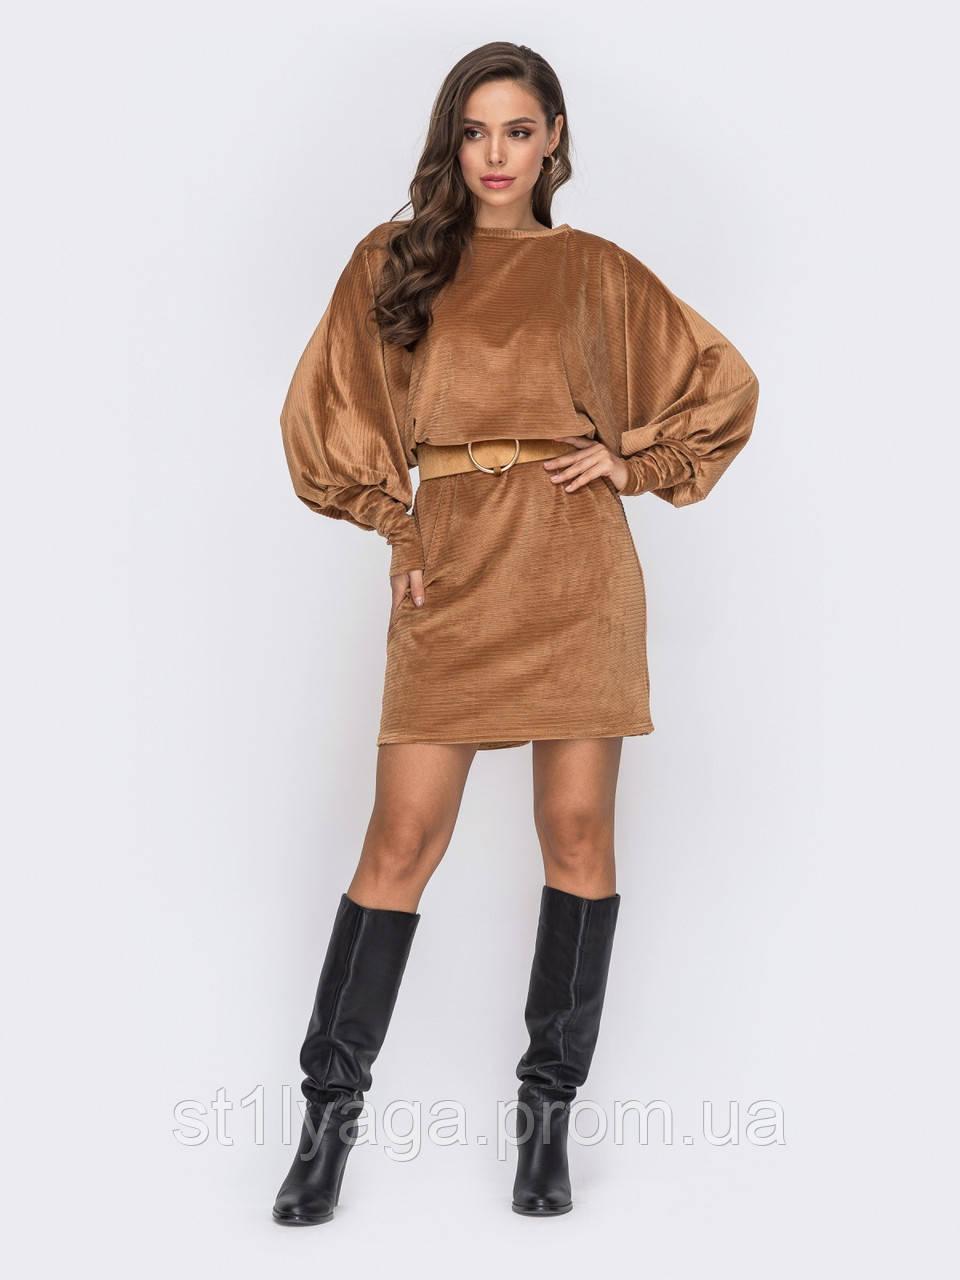 Однотонное вельветовое платье в стиле oversize